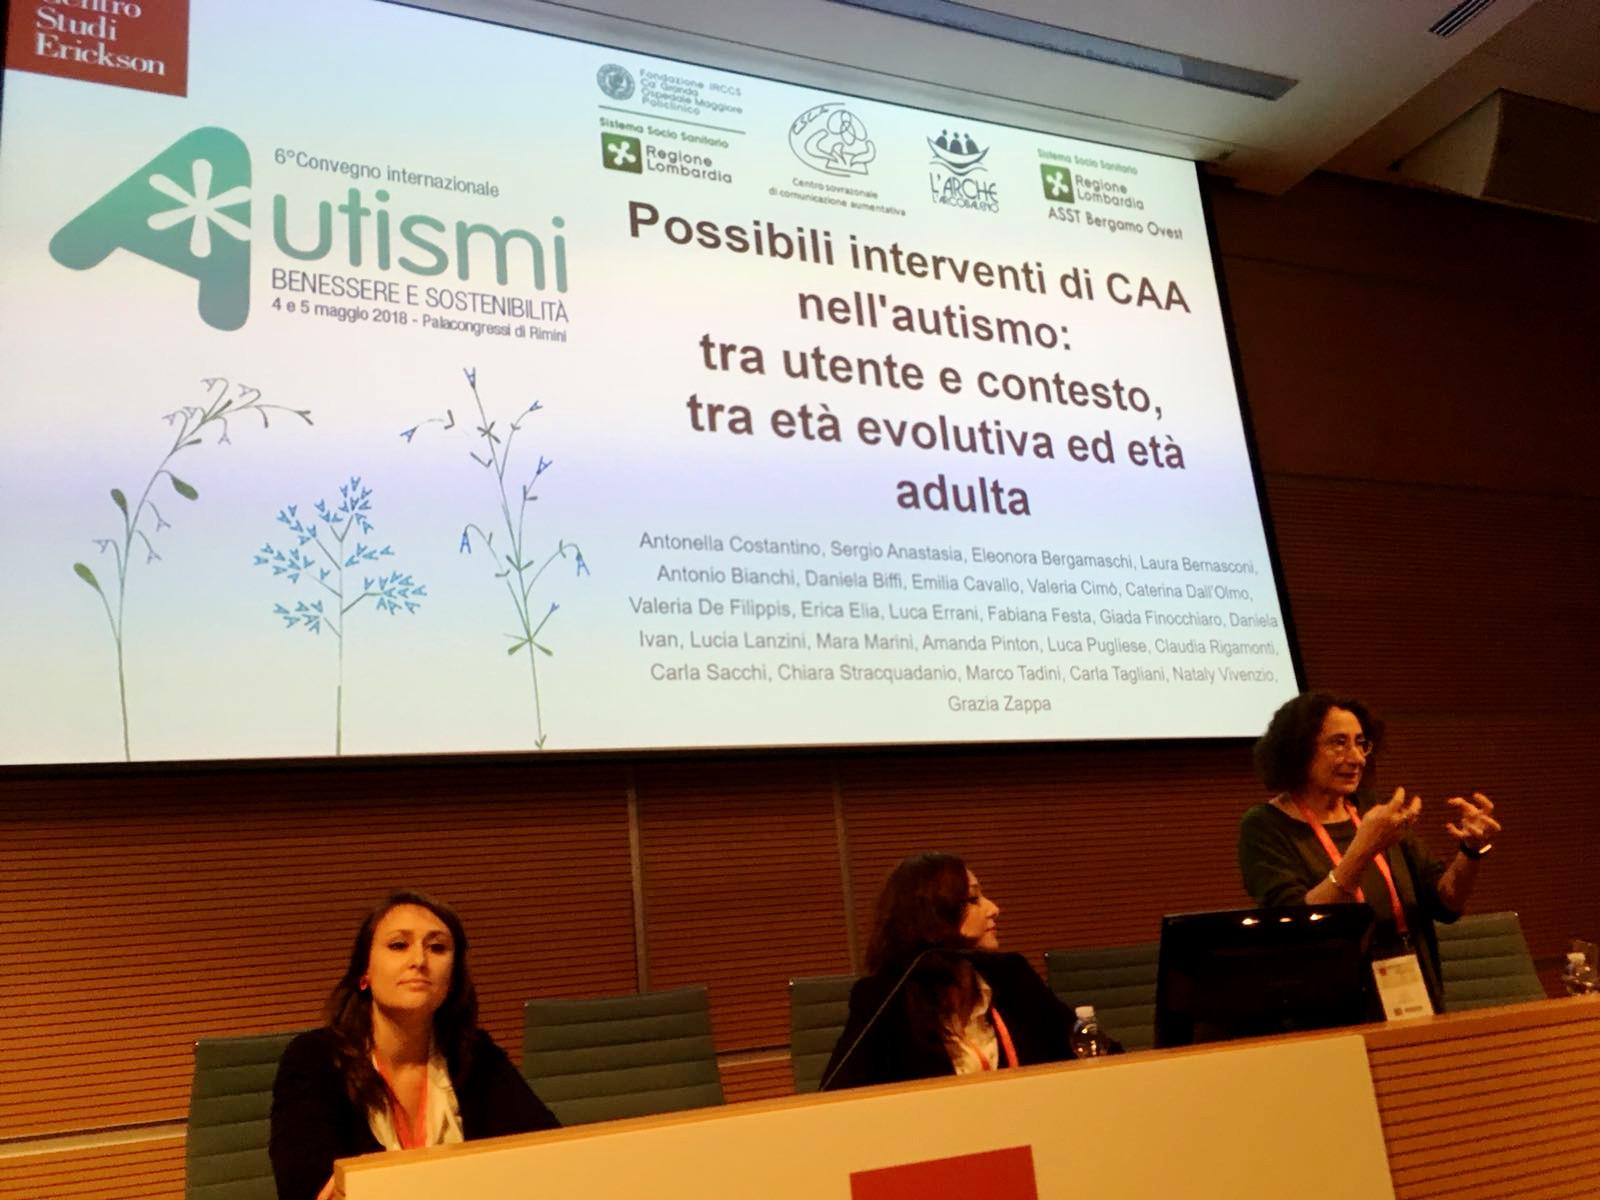 Carla Tagliani, Mara Marini, Antonella Costantino, Csca